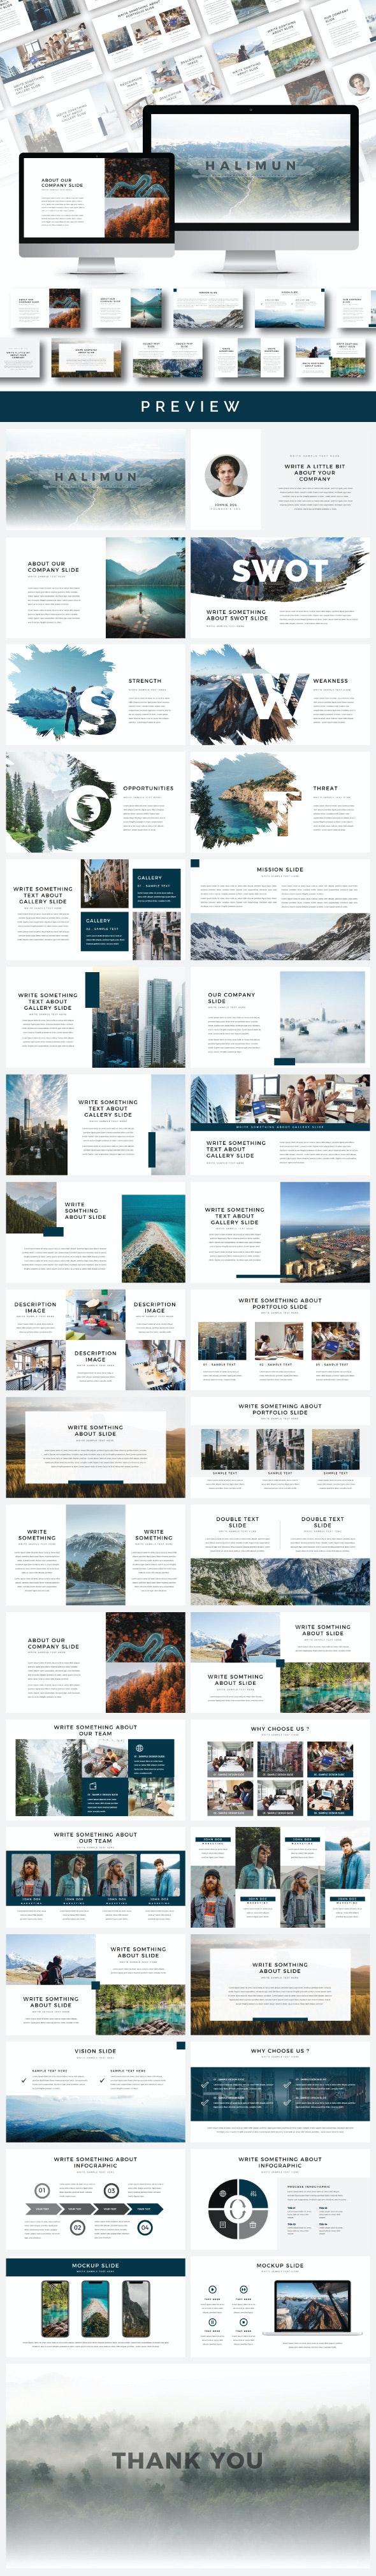 Halimun Google Slide Templates - Google Slides Presentation Templates